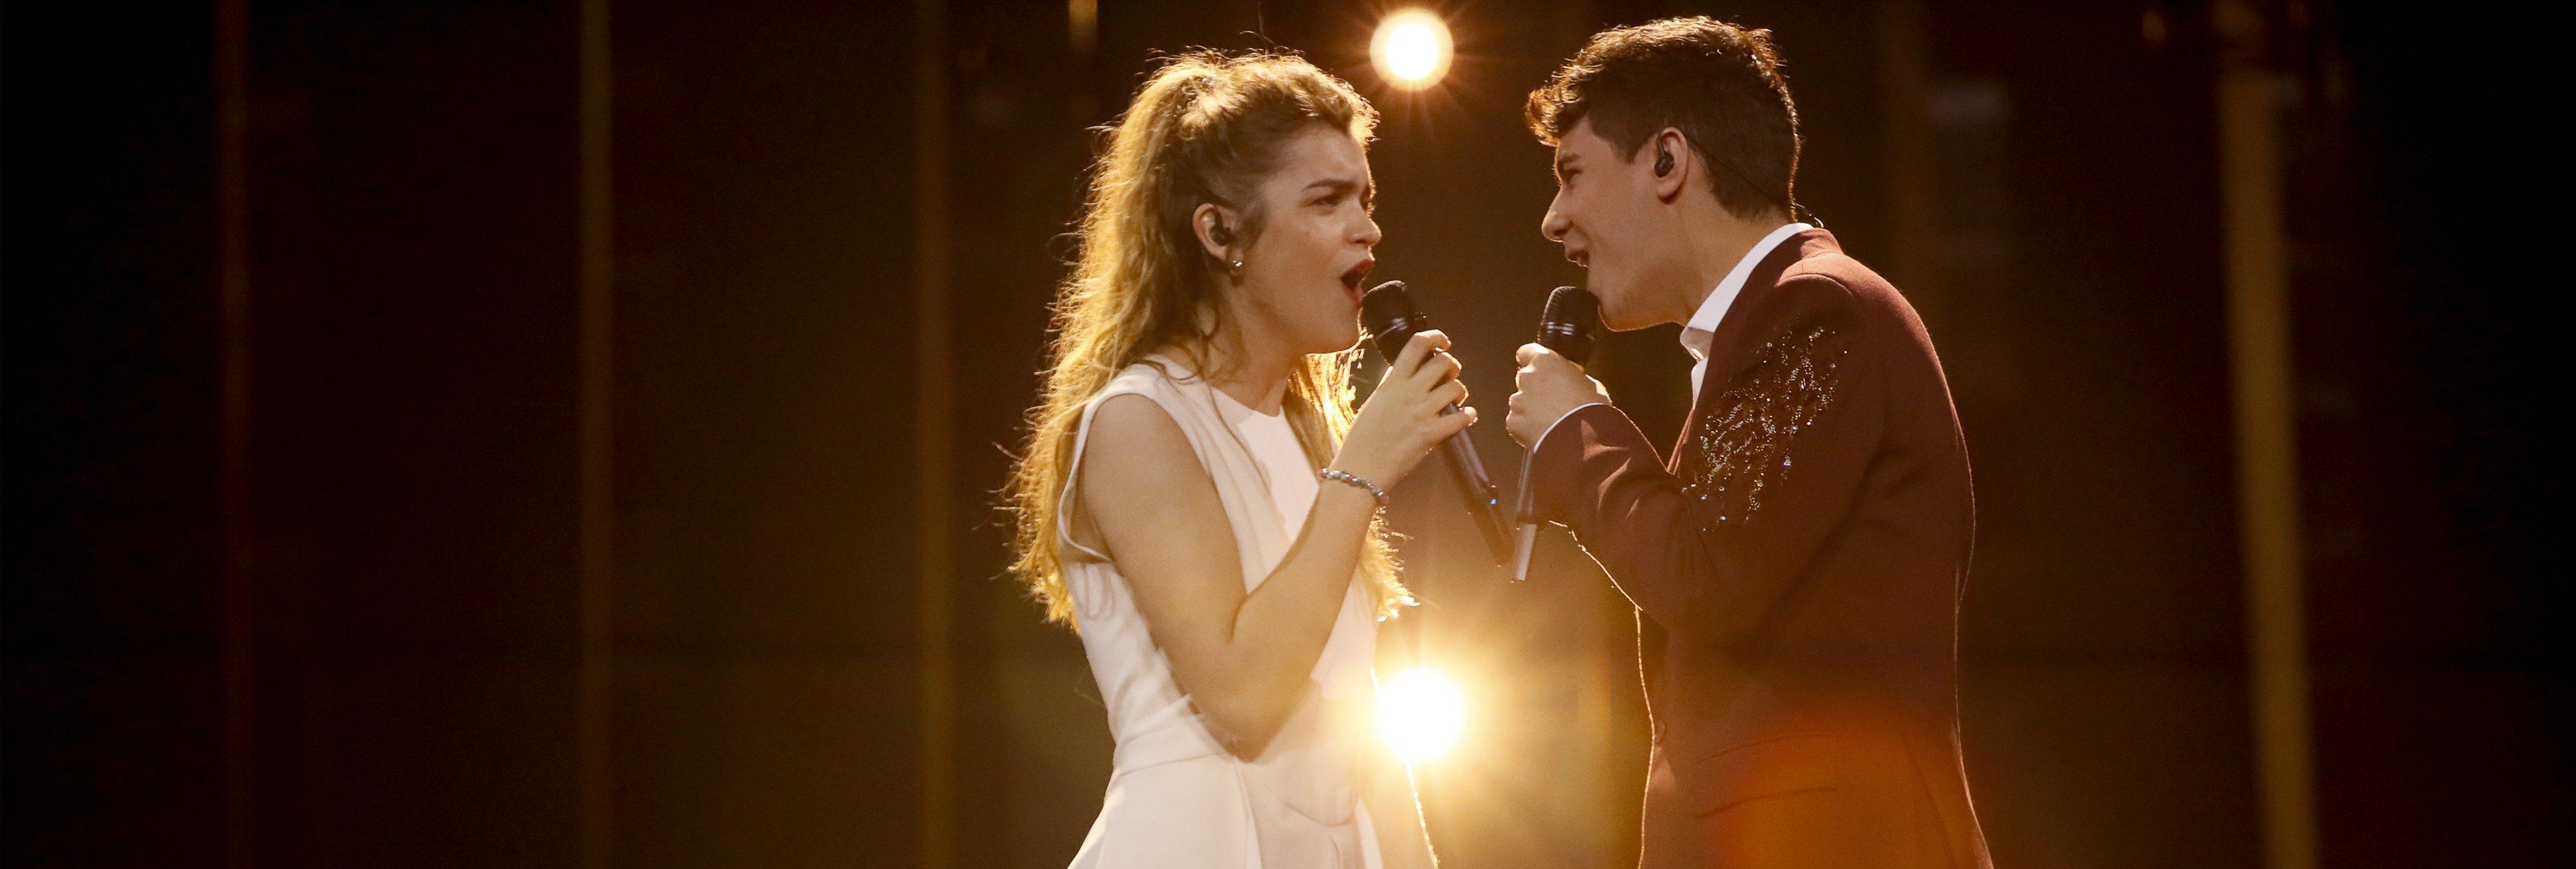 Fría acogida internacional en el primer ensayo de Alfred y Amaia en Eurovisión